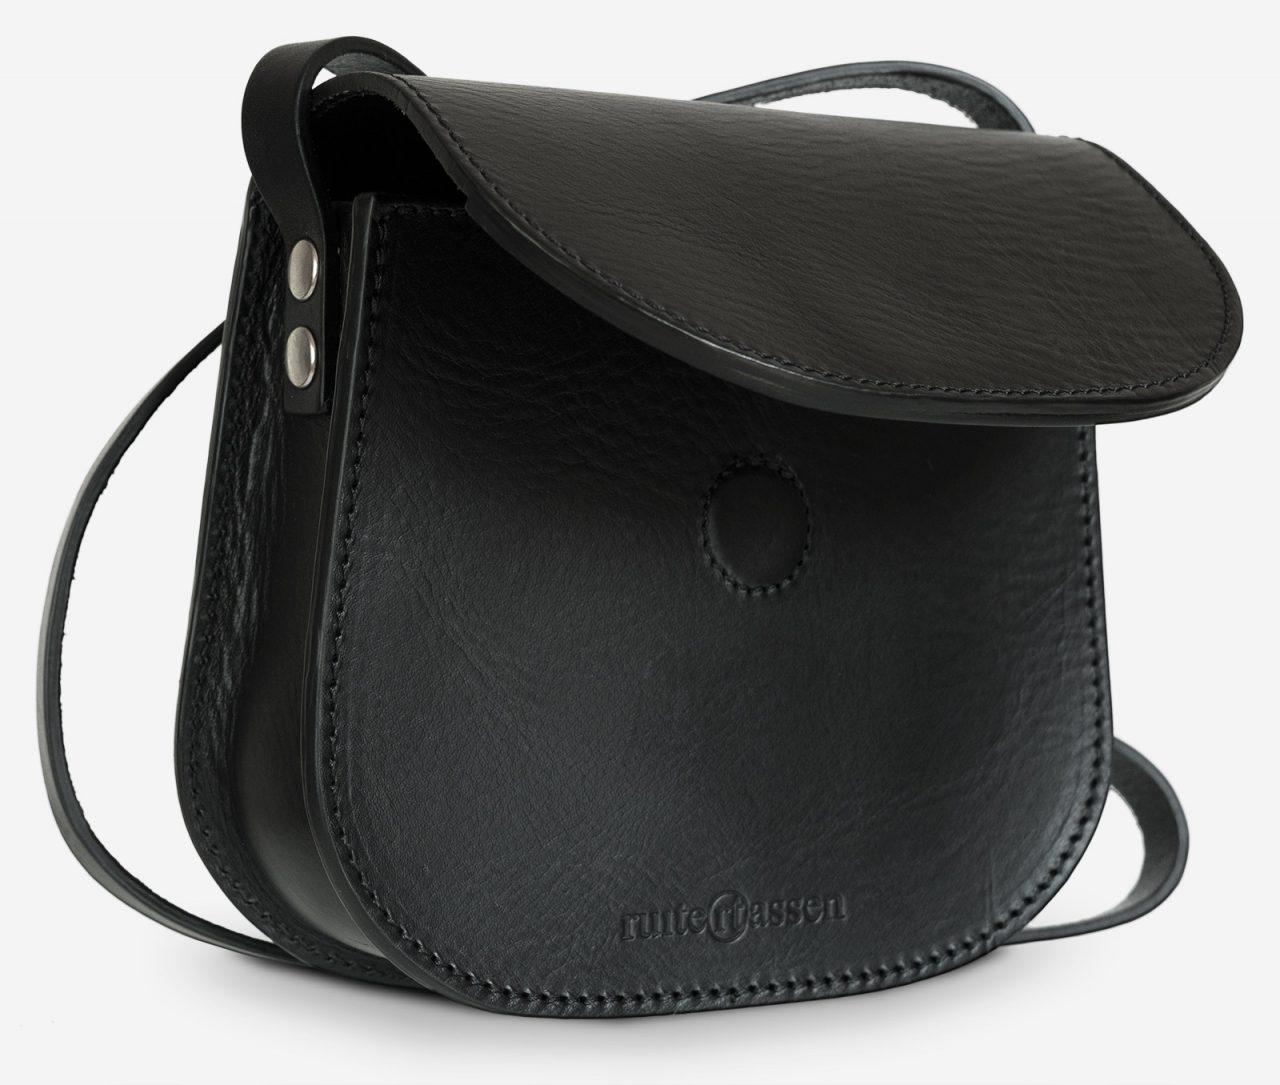 Small black leather shoulder bag open.